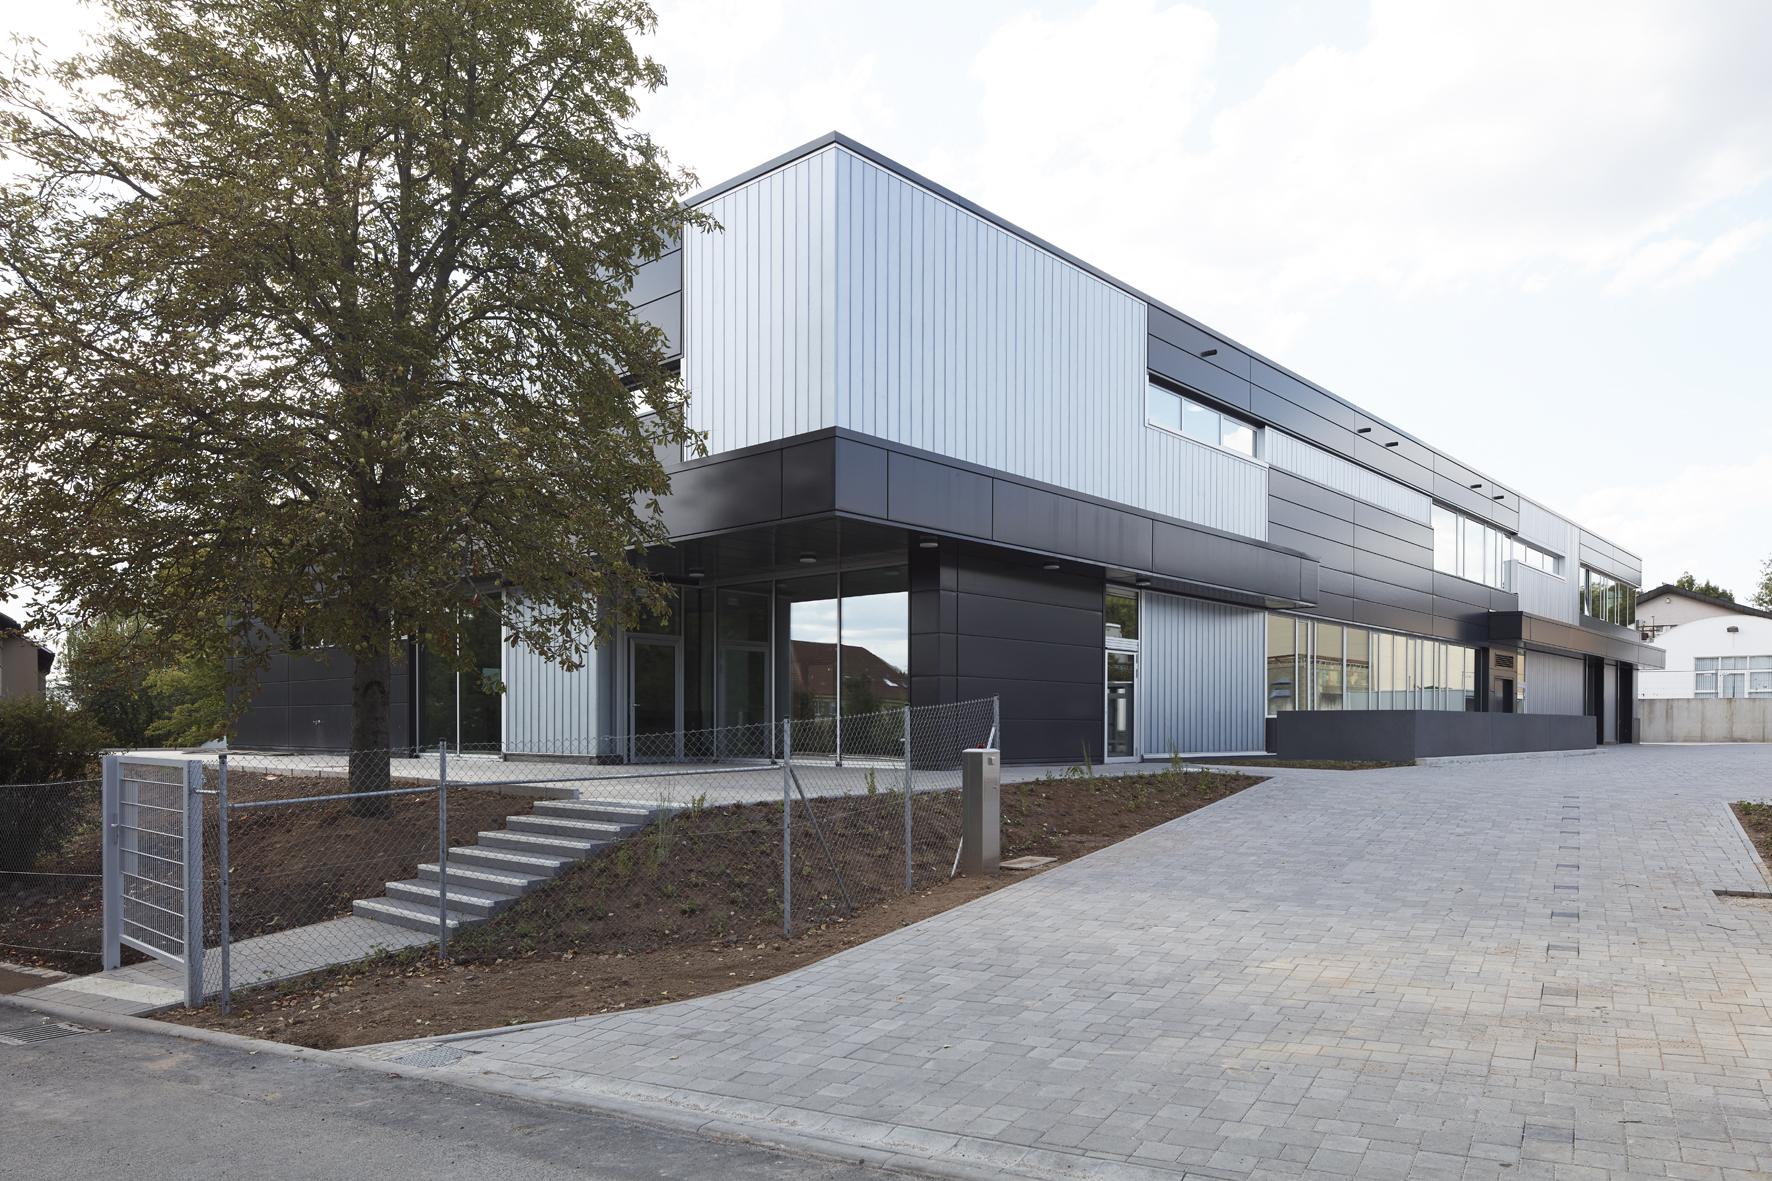 Schul- und Werkstattgebäude Nikolauspflege_samba 001